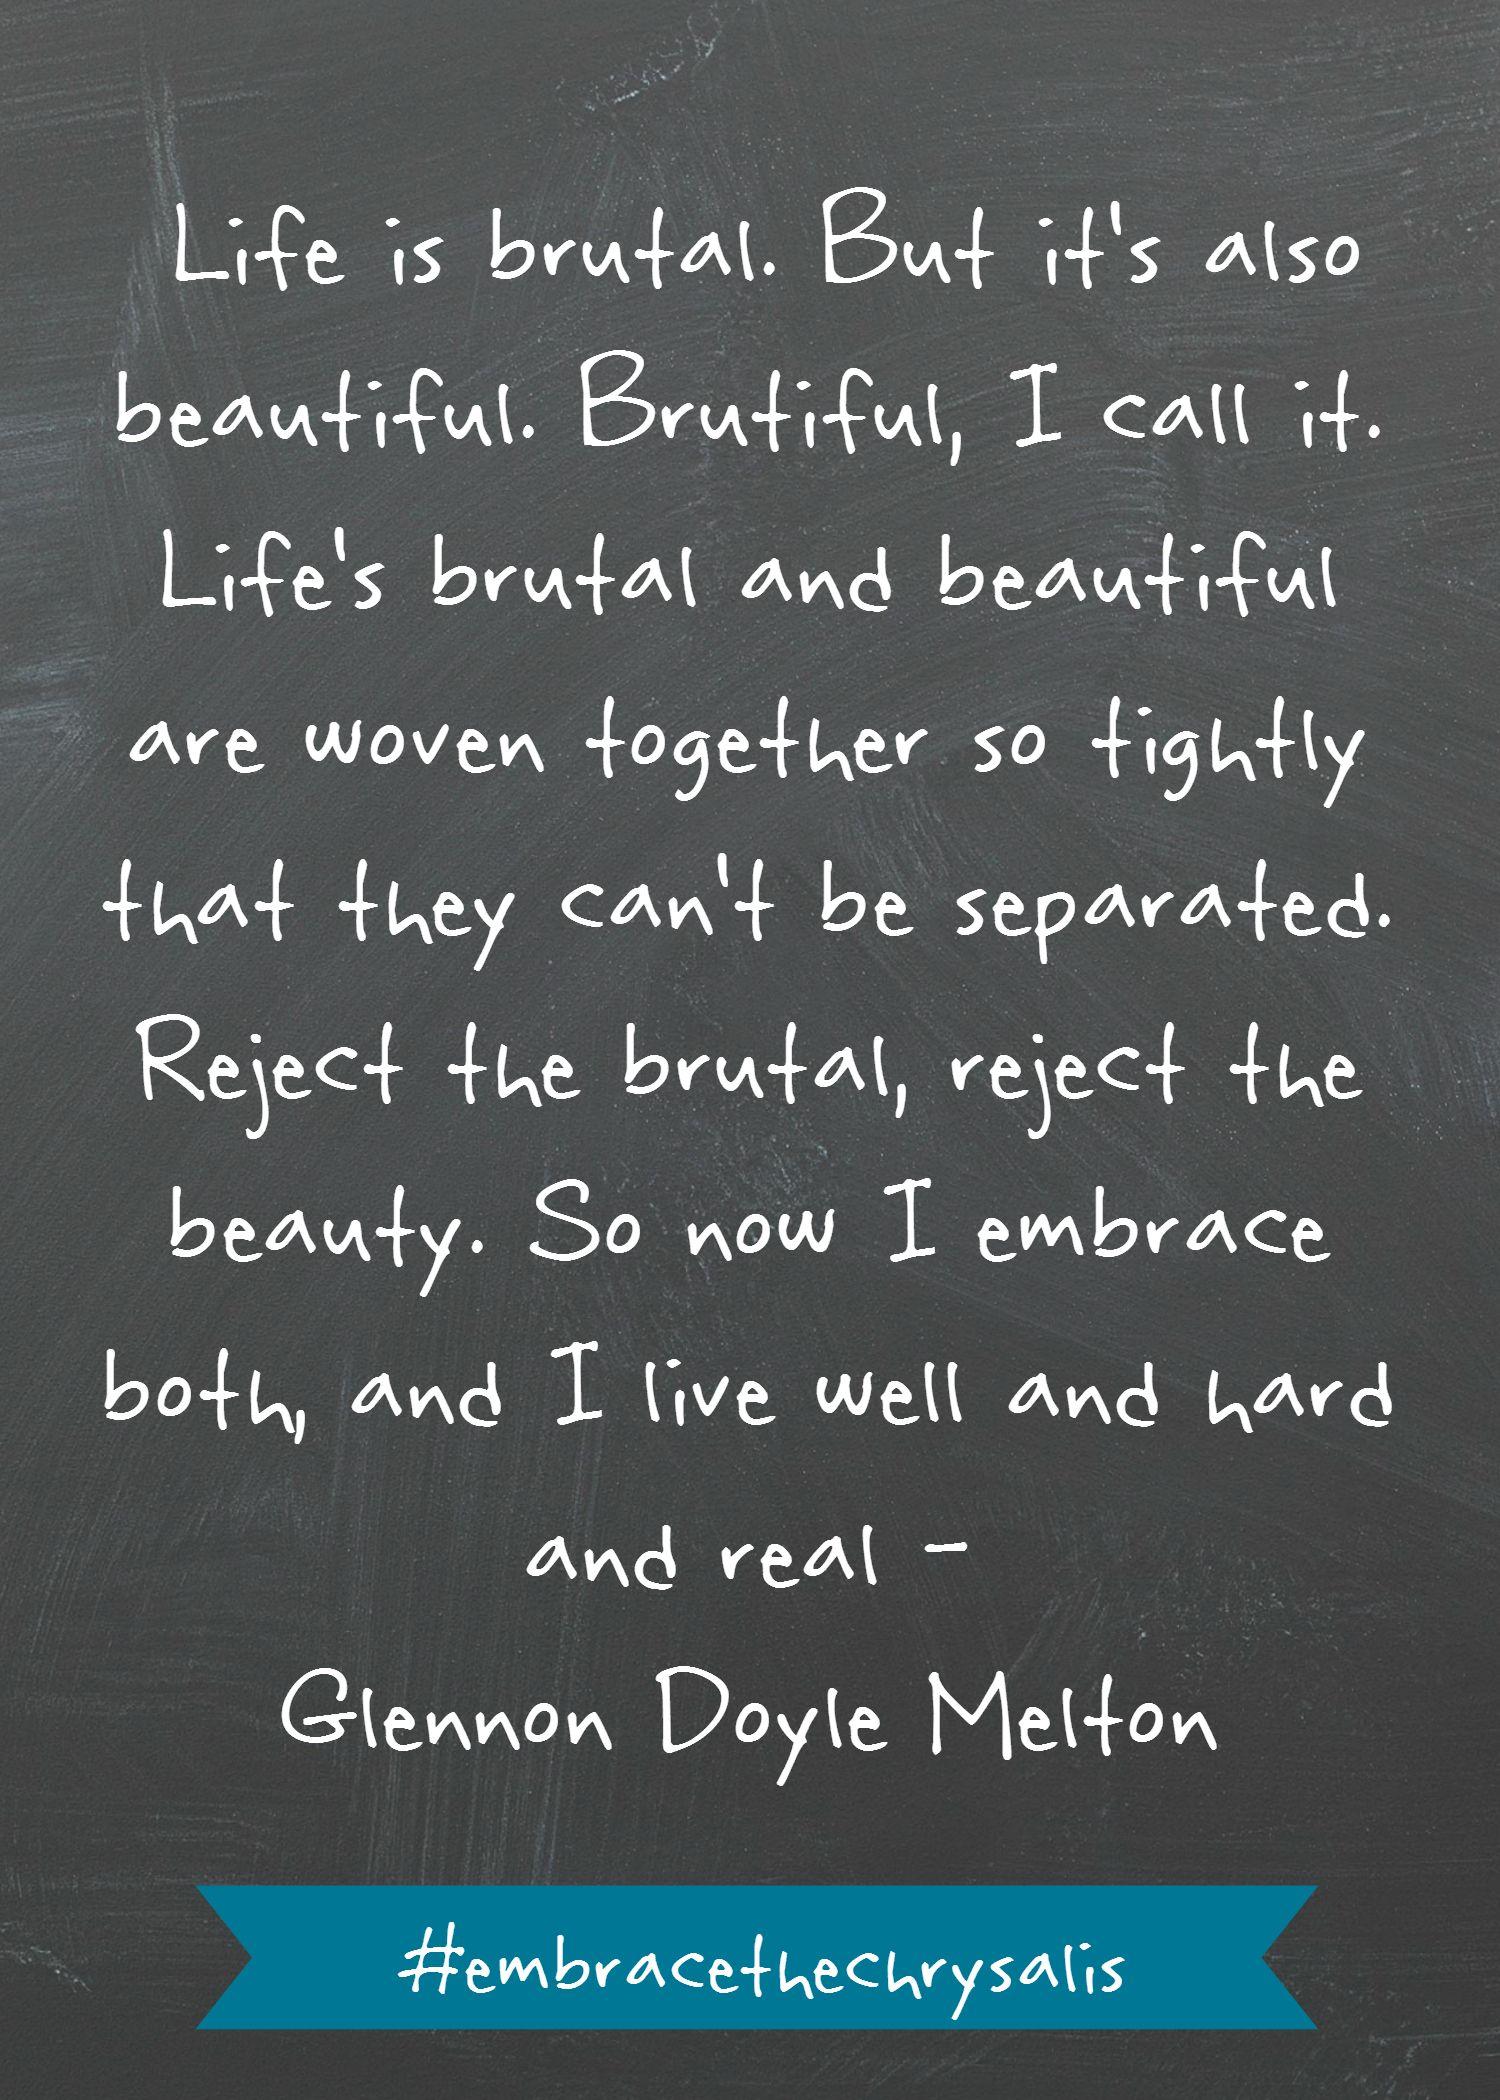 Brutiful Glennon Doyle Melton Hard Quotes Life Is Hard Quotes Life Quotes